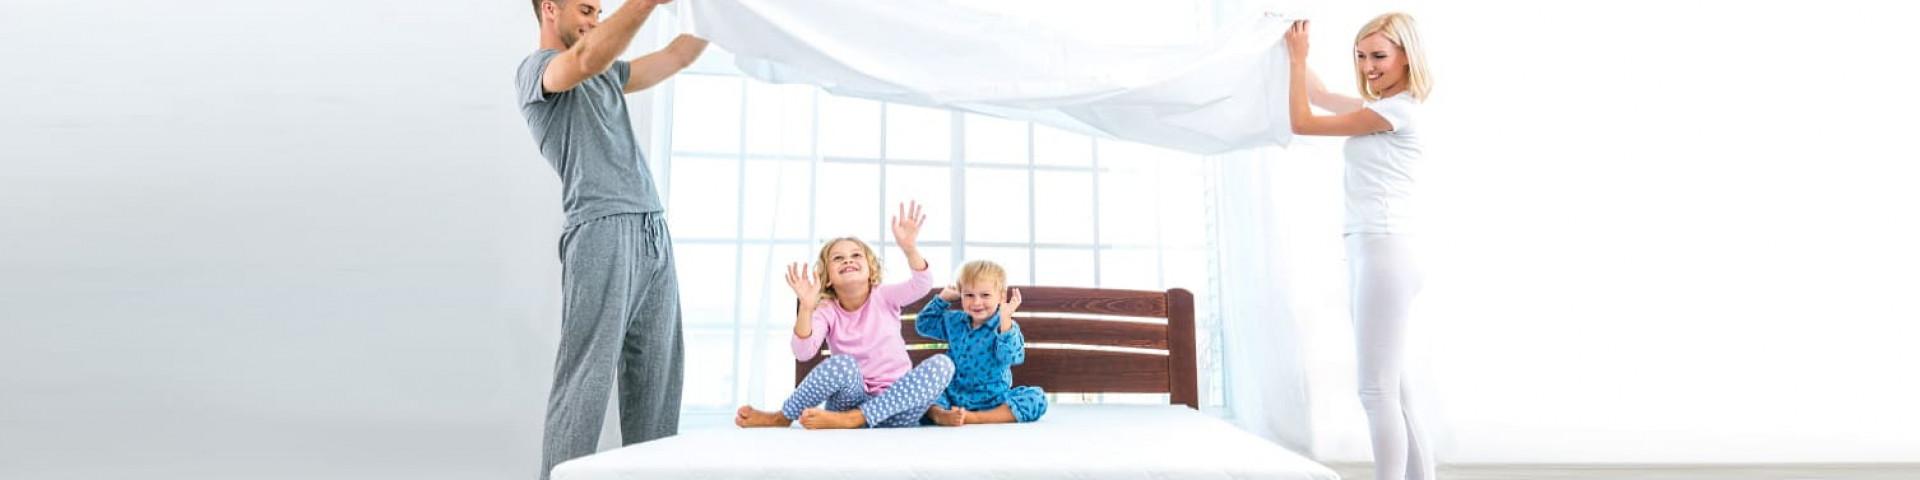 Высокий уровень комфорта: рейтинг лучших кроватей 2021 года